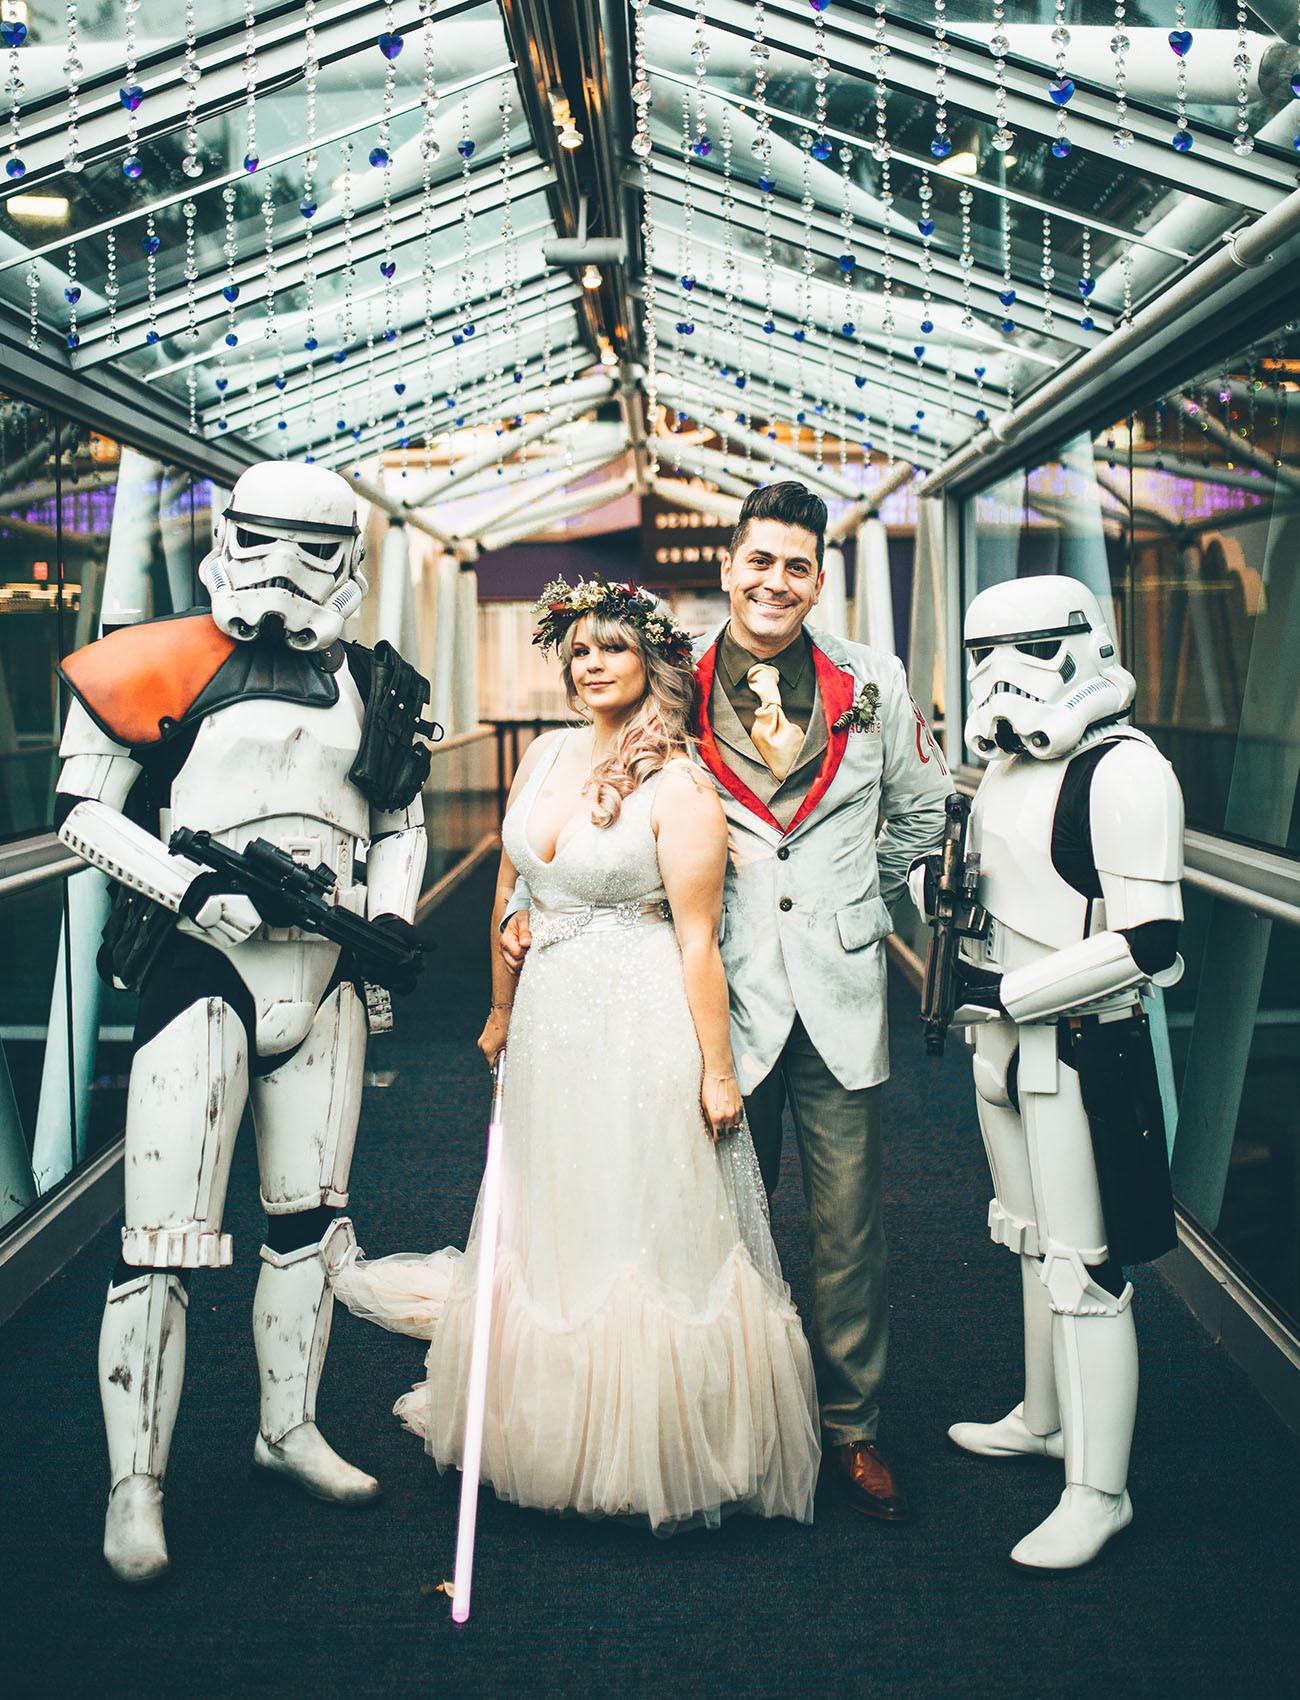 Star Wars Hochzeit  e With the Force Eine außerirdische Star Wars Themed